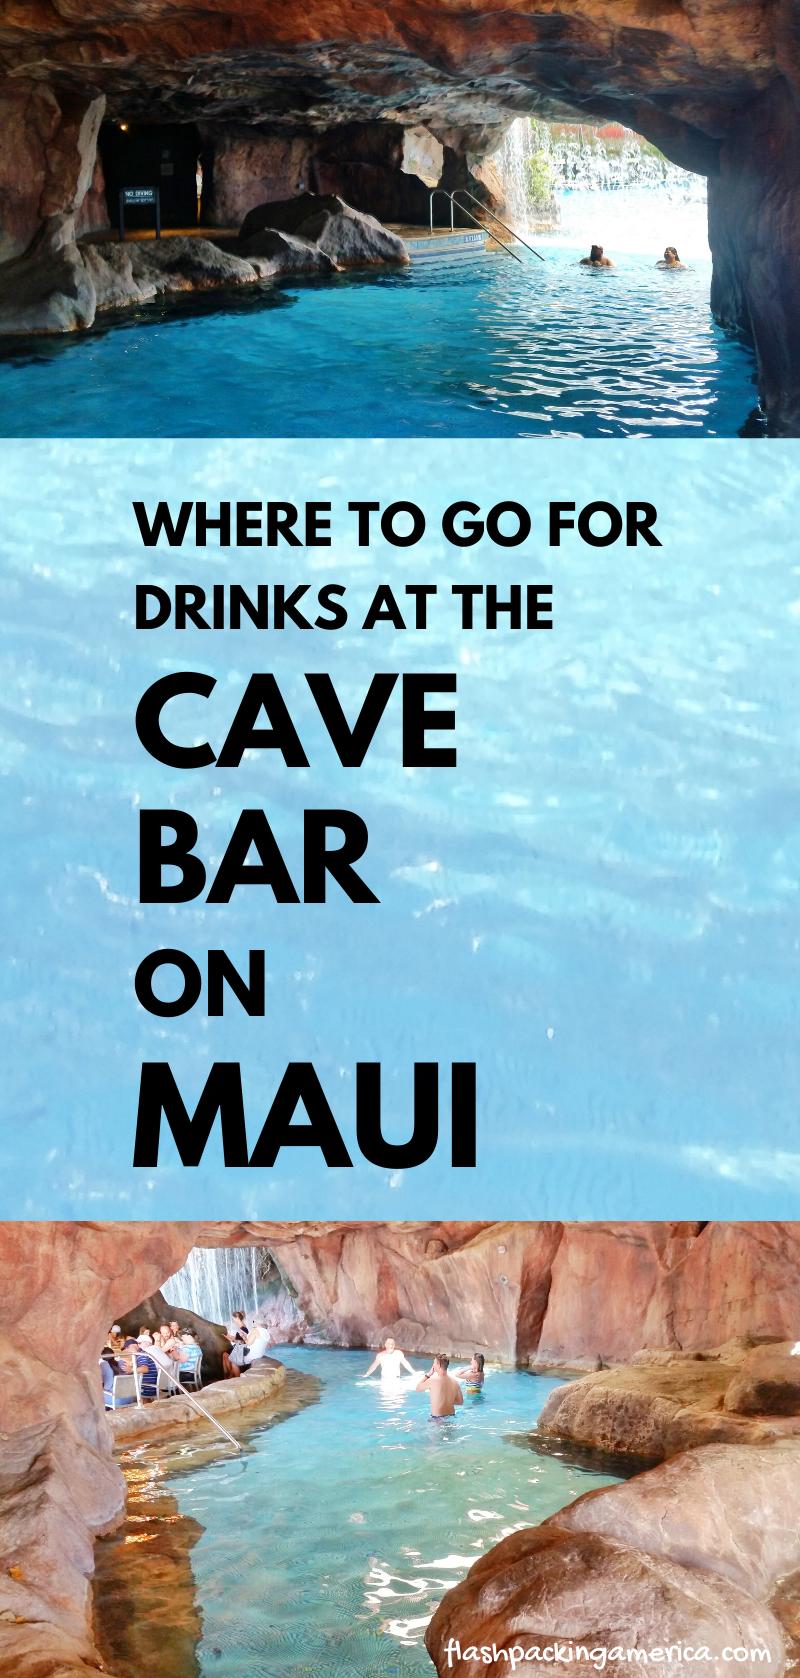 Grotto Bar Maui Menu Drinks At Cave Bar In Hawaii Hyatt Regency Maui Hawaii Travel Blog Flashpacking America Travel Hawaii Maui Hawaii Resorts Maui Travel